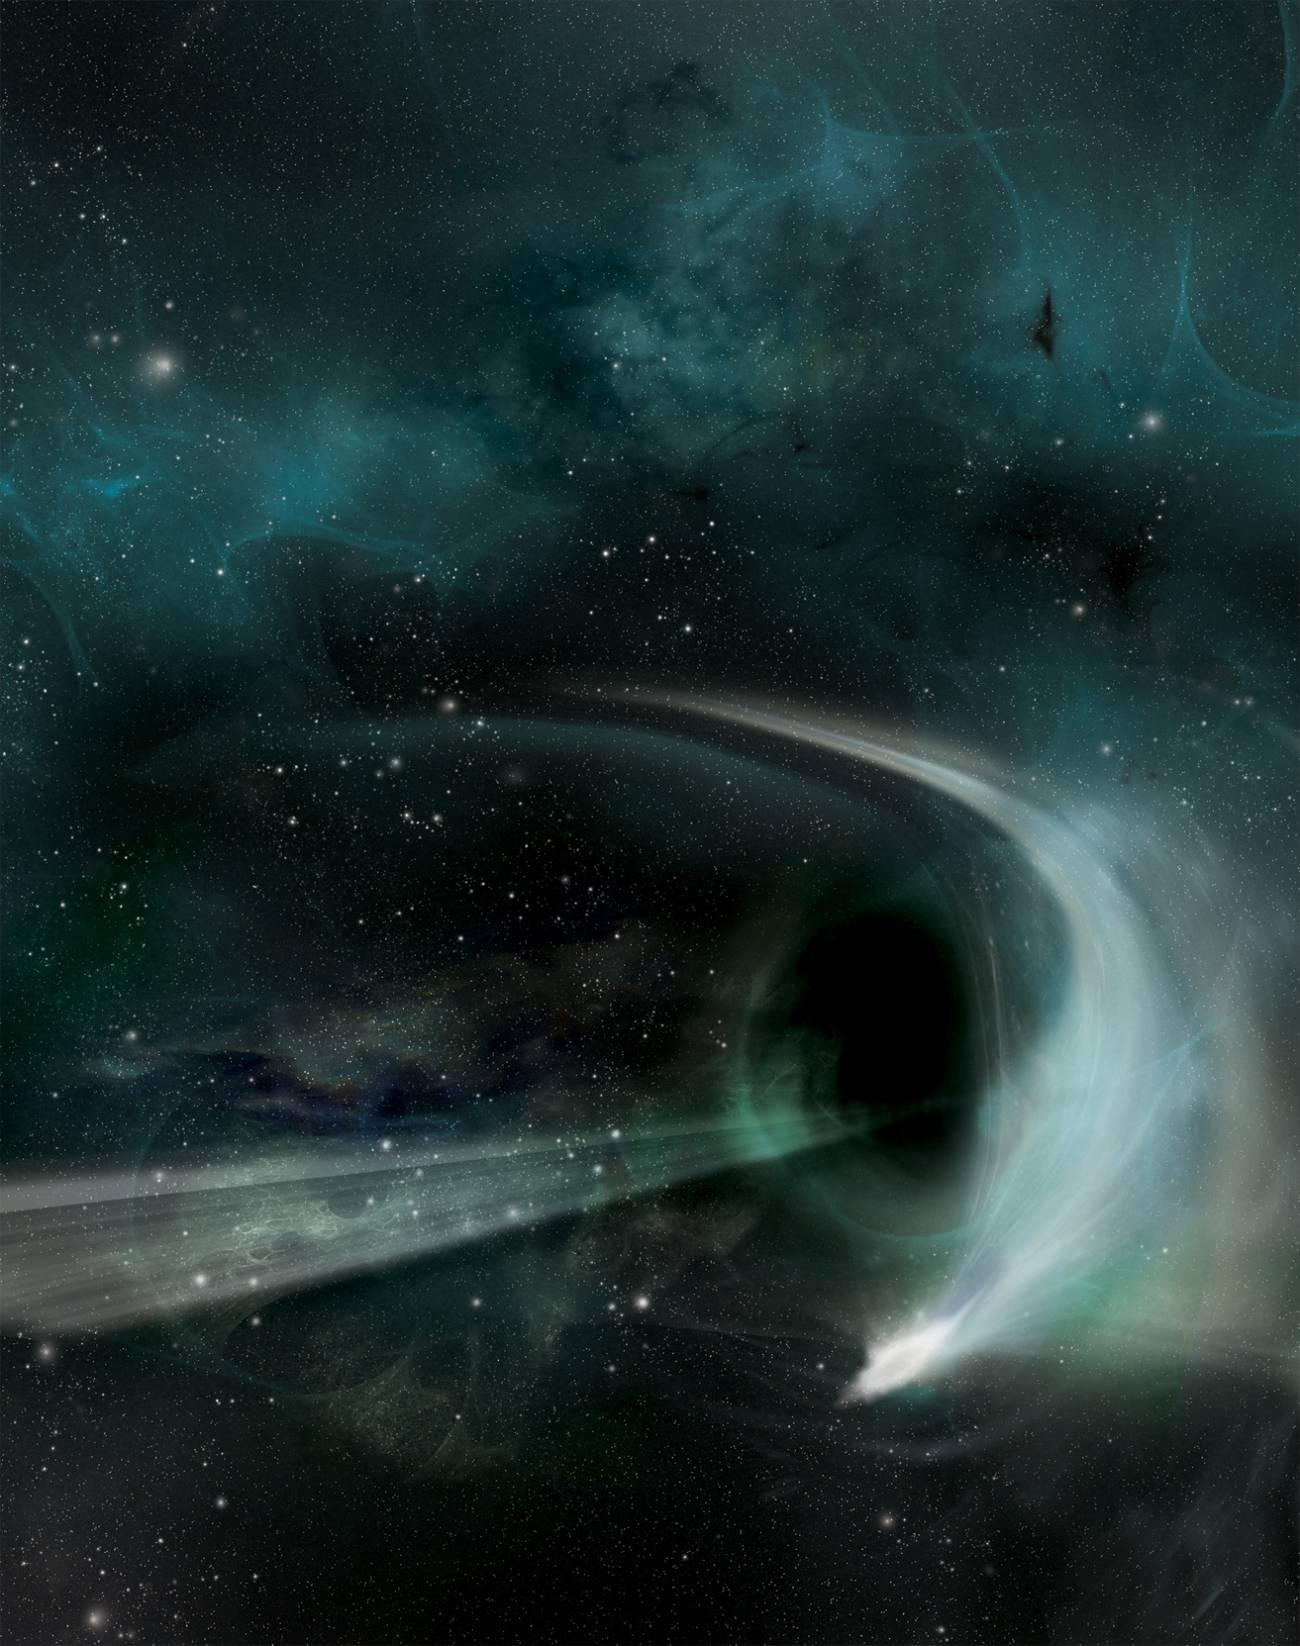 El brillo de un agujero negro al absorber una estrella sorprende a los científicos